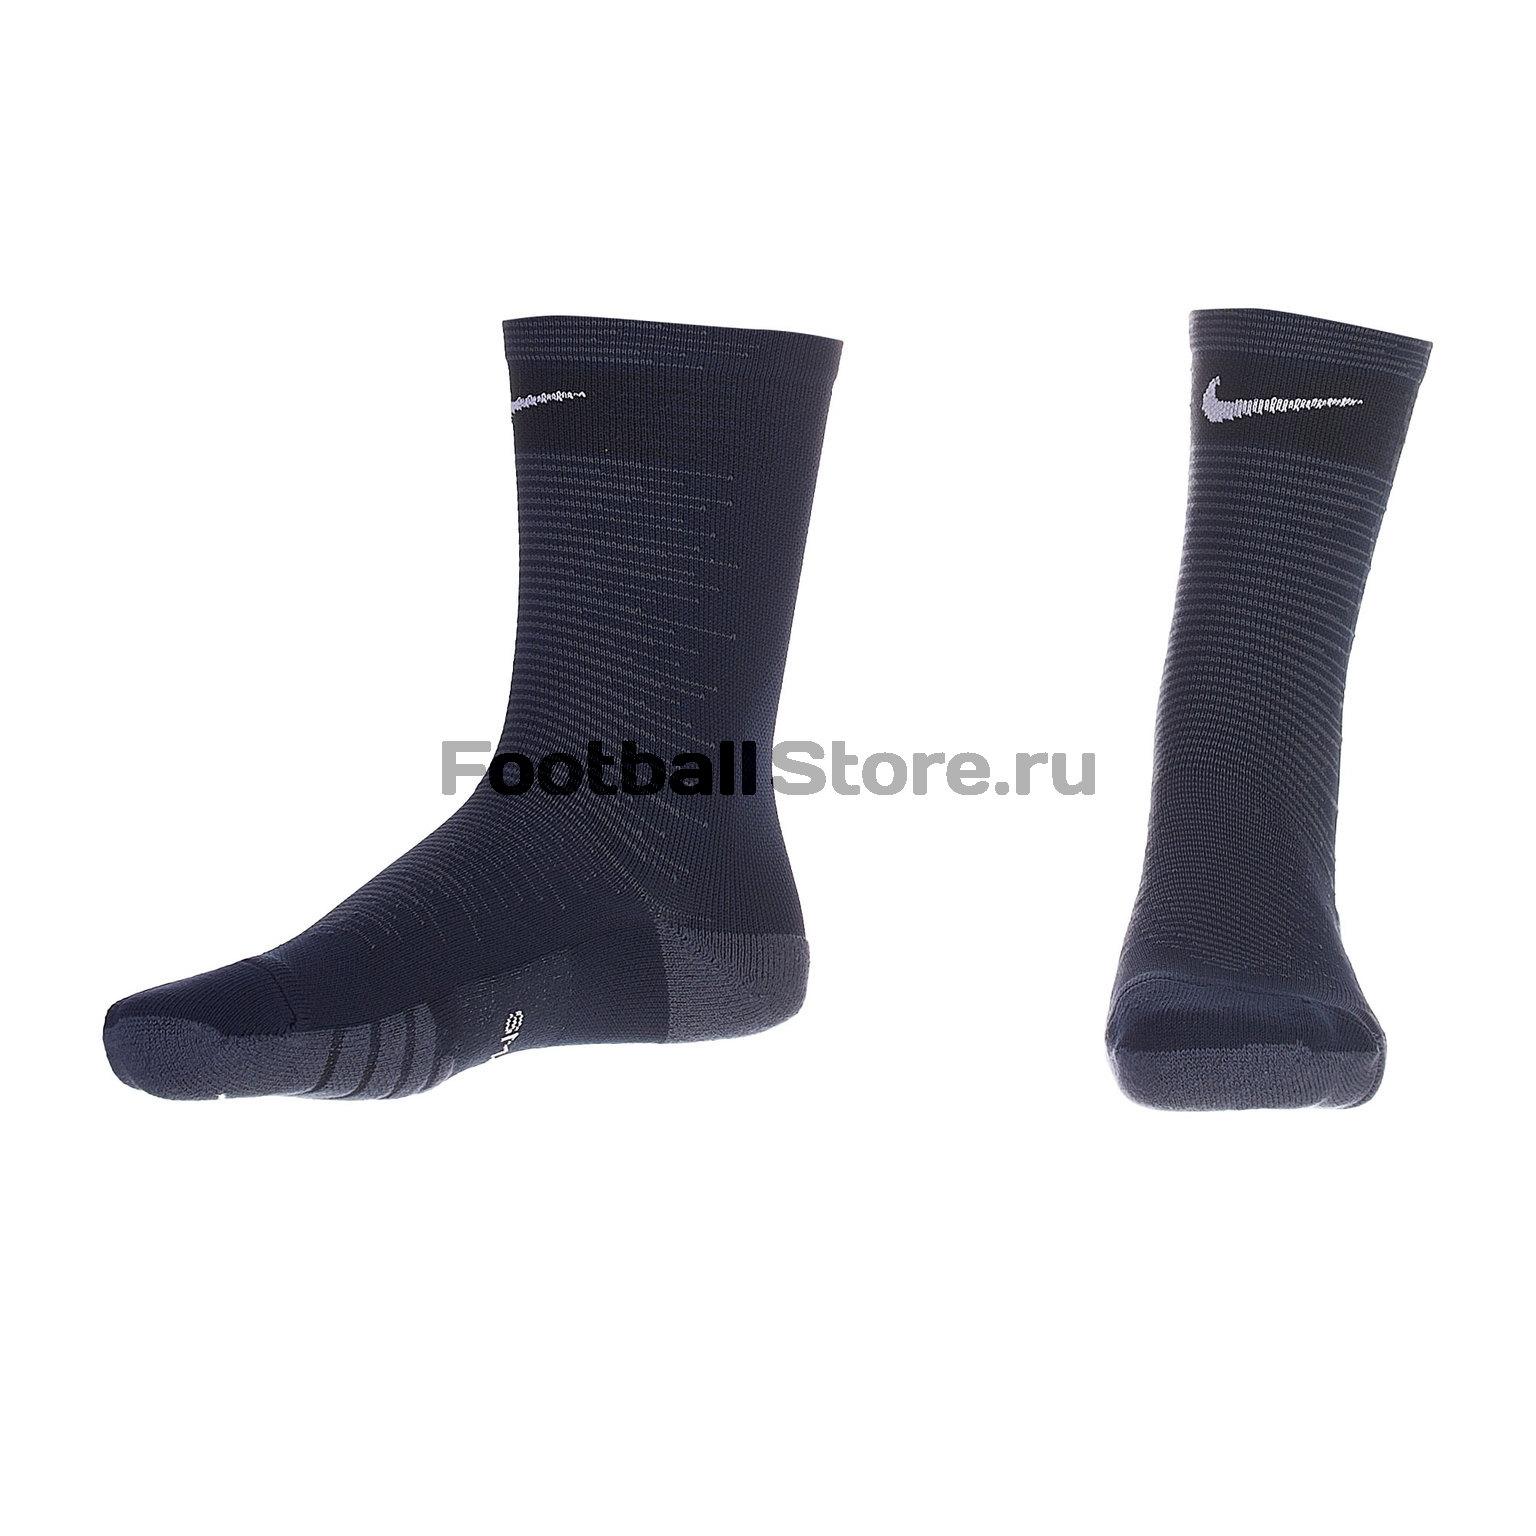 Носки Nike Squad Crew SX6831-419 цена и фото